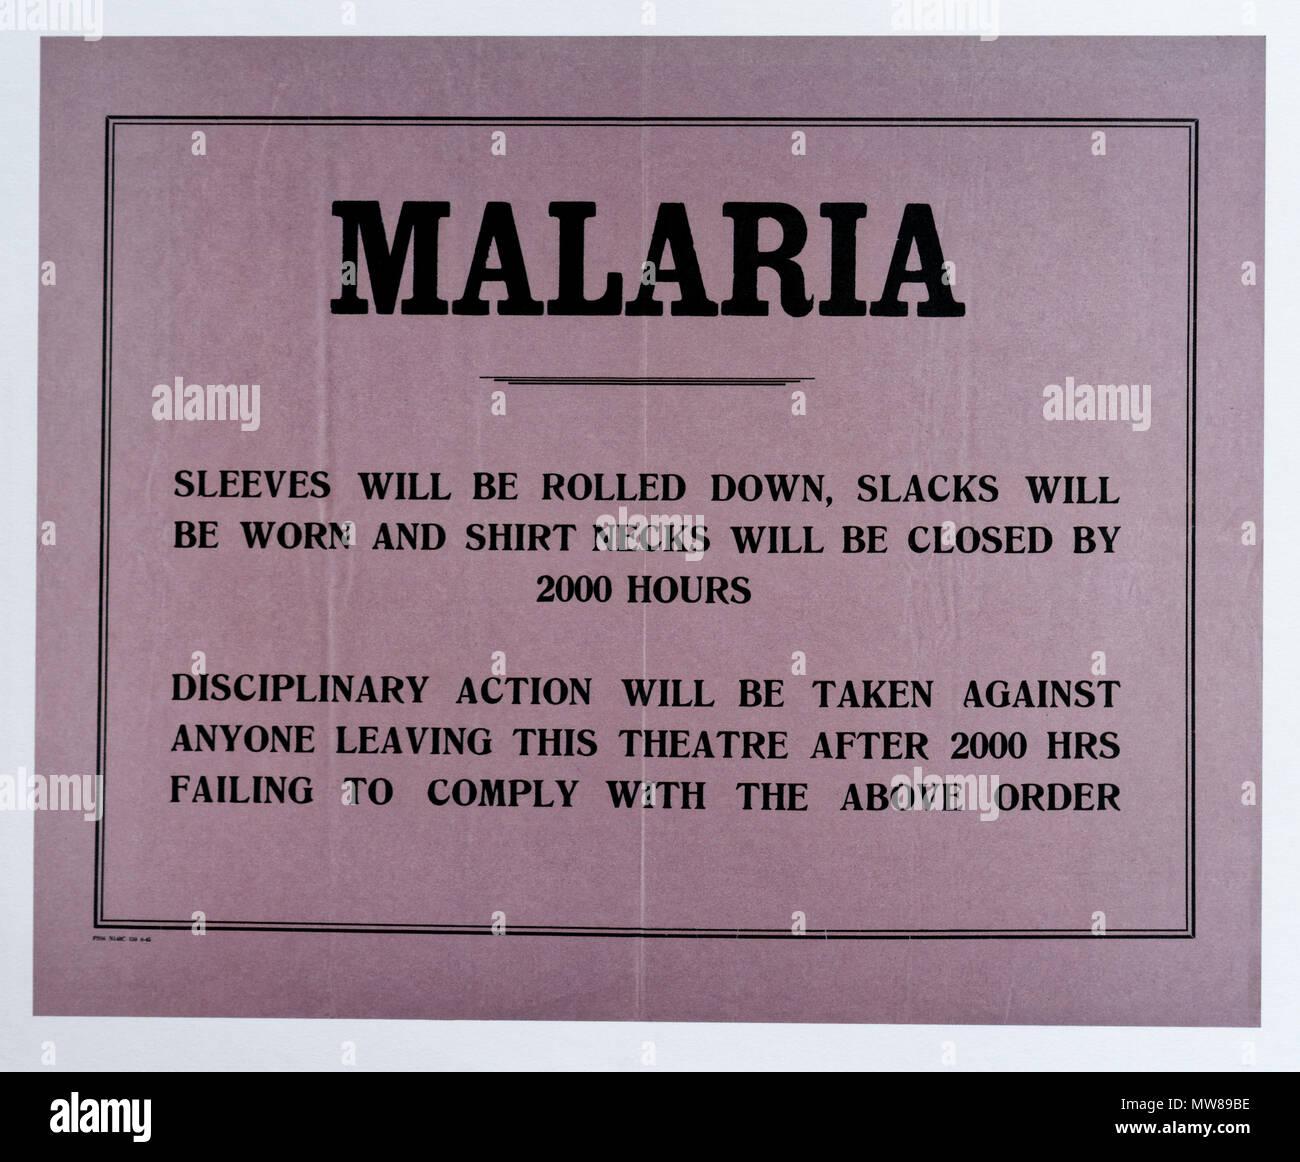 Ein zweiter Weltkrieg Aushang mit Rat auf, wie man die Gefahr von Malaria zu reduzieren, und bedrohliche Disziplin auf diejenigen, die nicht den Rat befolgen Stockbild